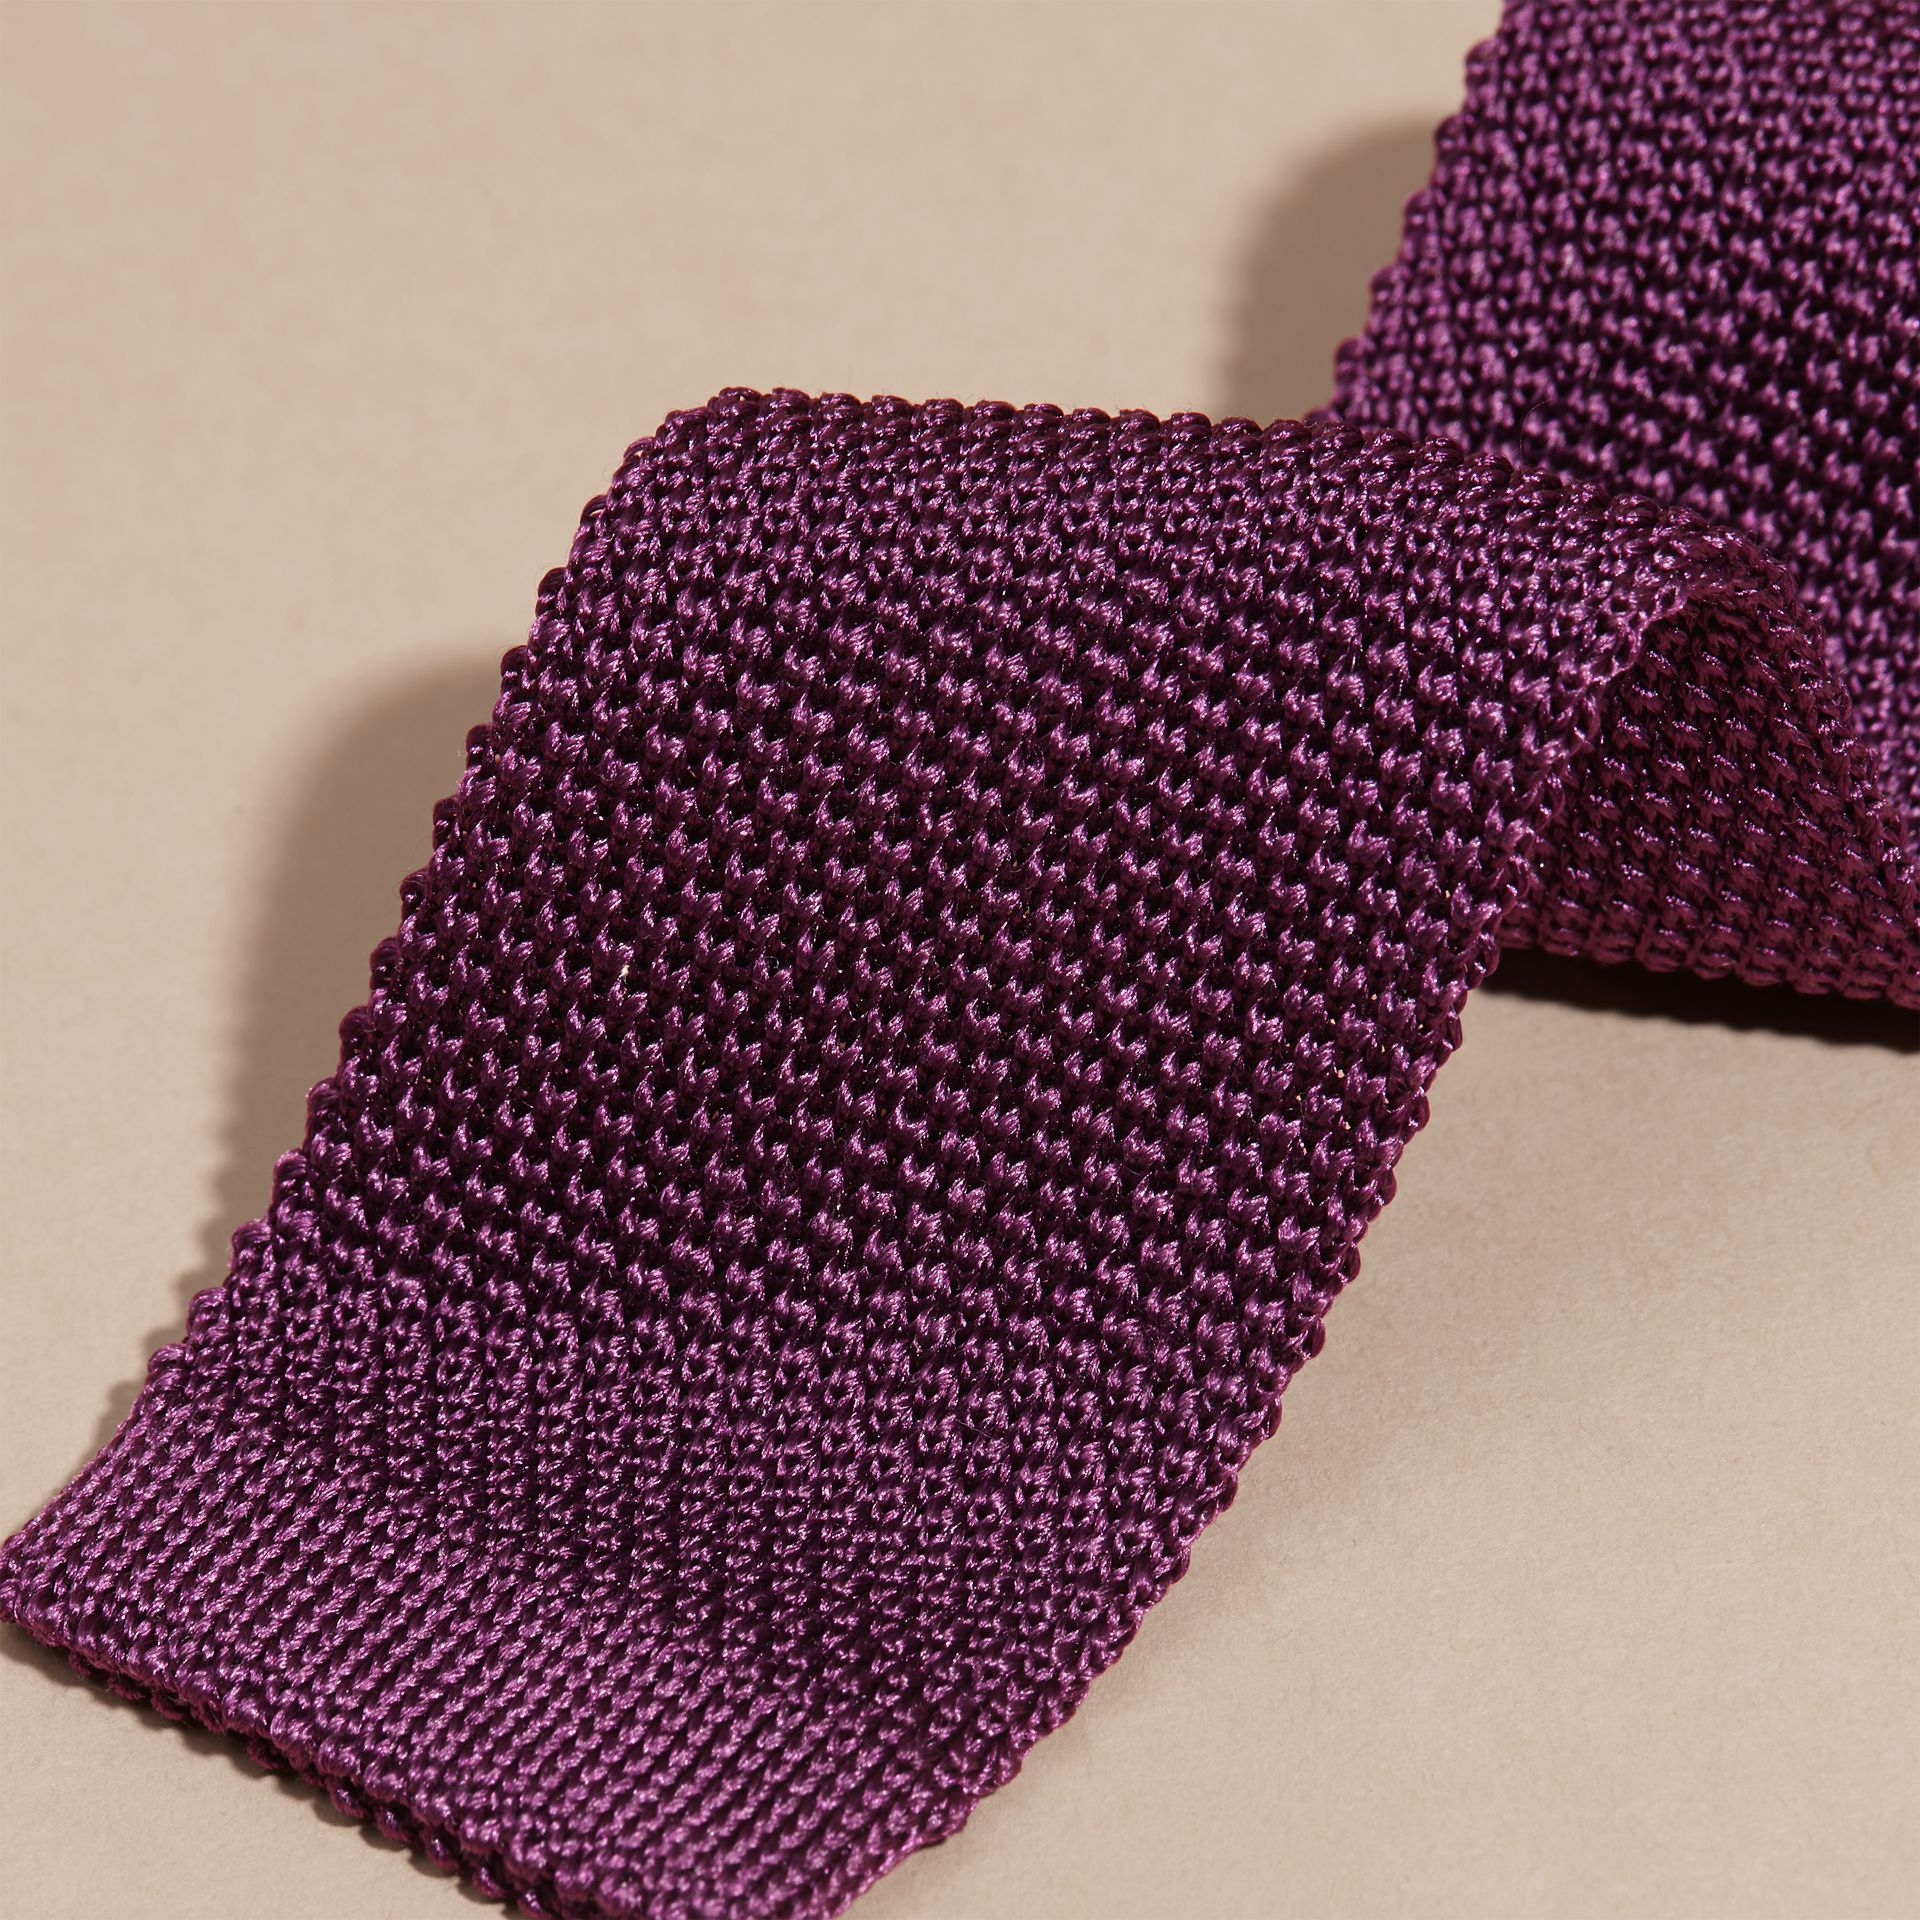 Viola scuro Cravatta dal taglio sottile in seta lavorata a maglia Viola Scuro - immagine della galleria 2